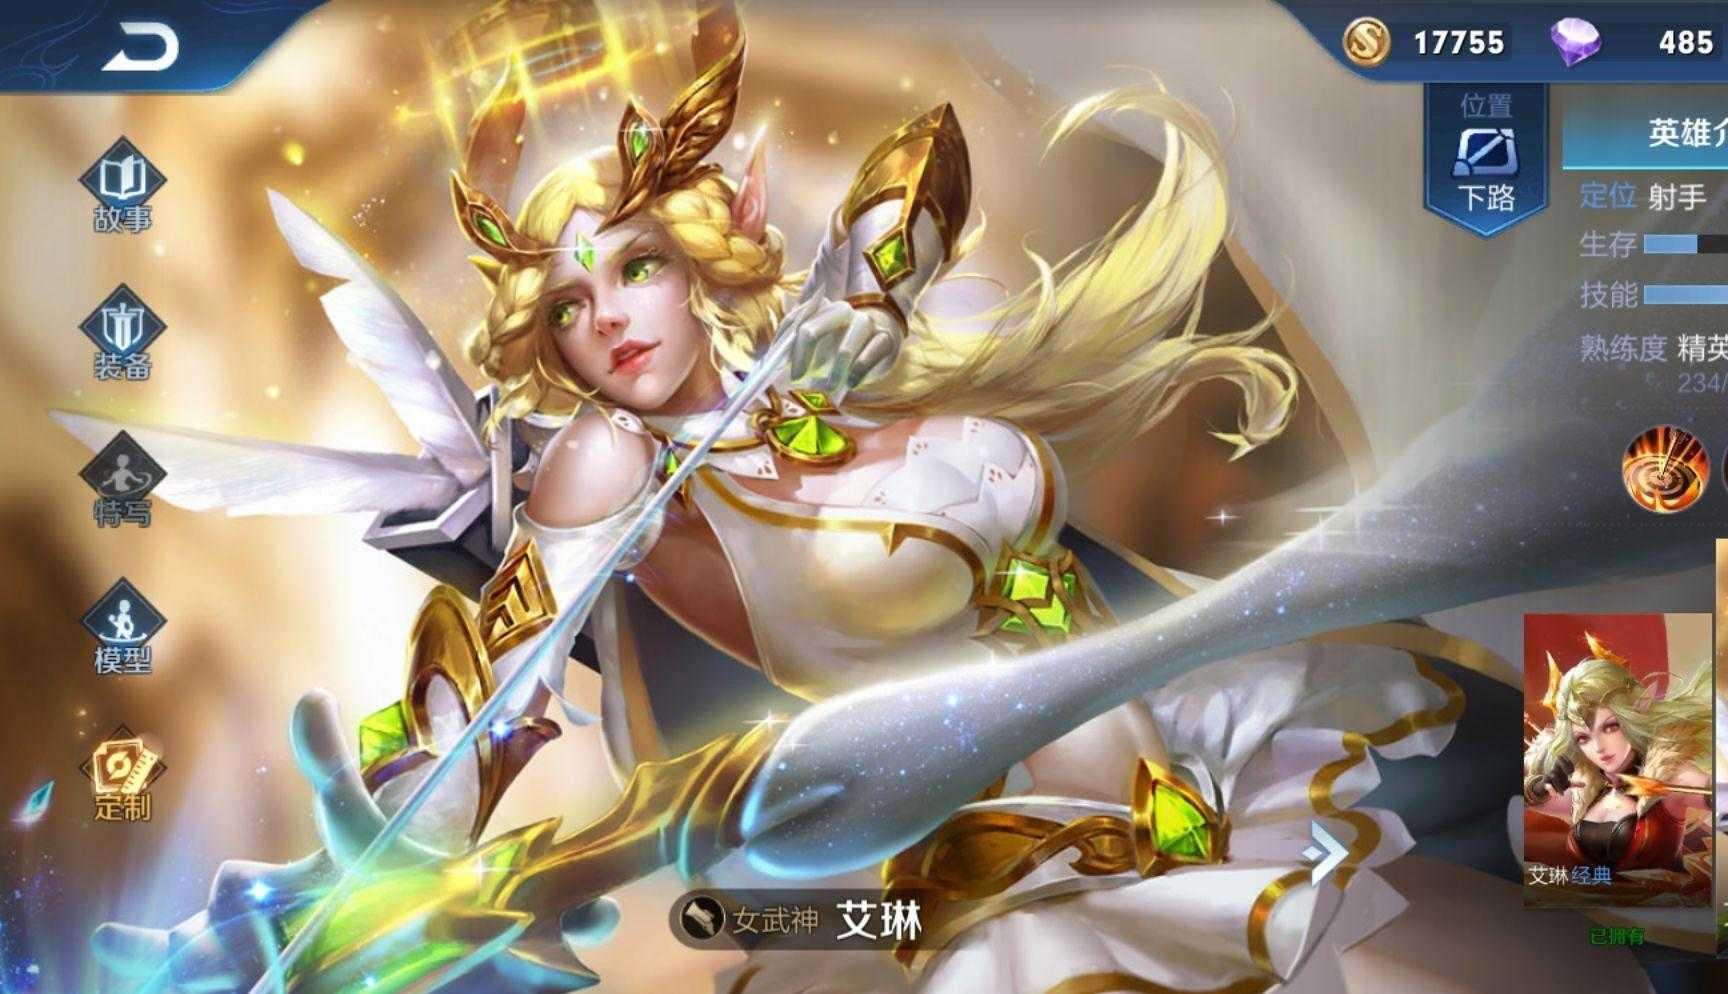 王者荣耀游戏英雄艾琳怎么获得,获取王者荣耀艾琳英雄攻略方法